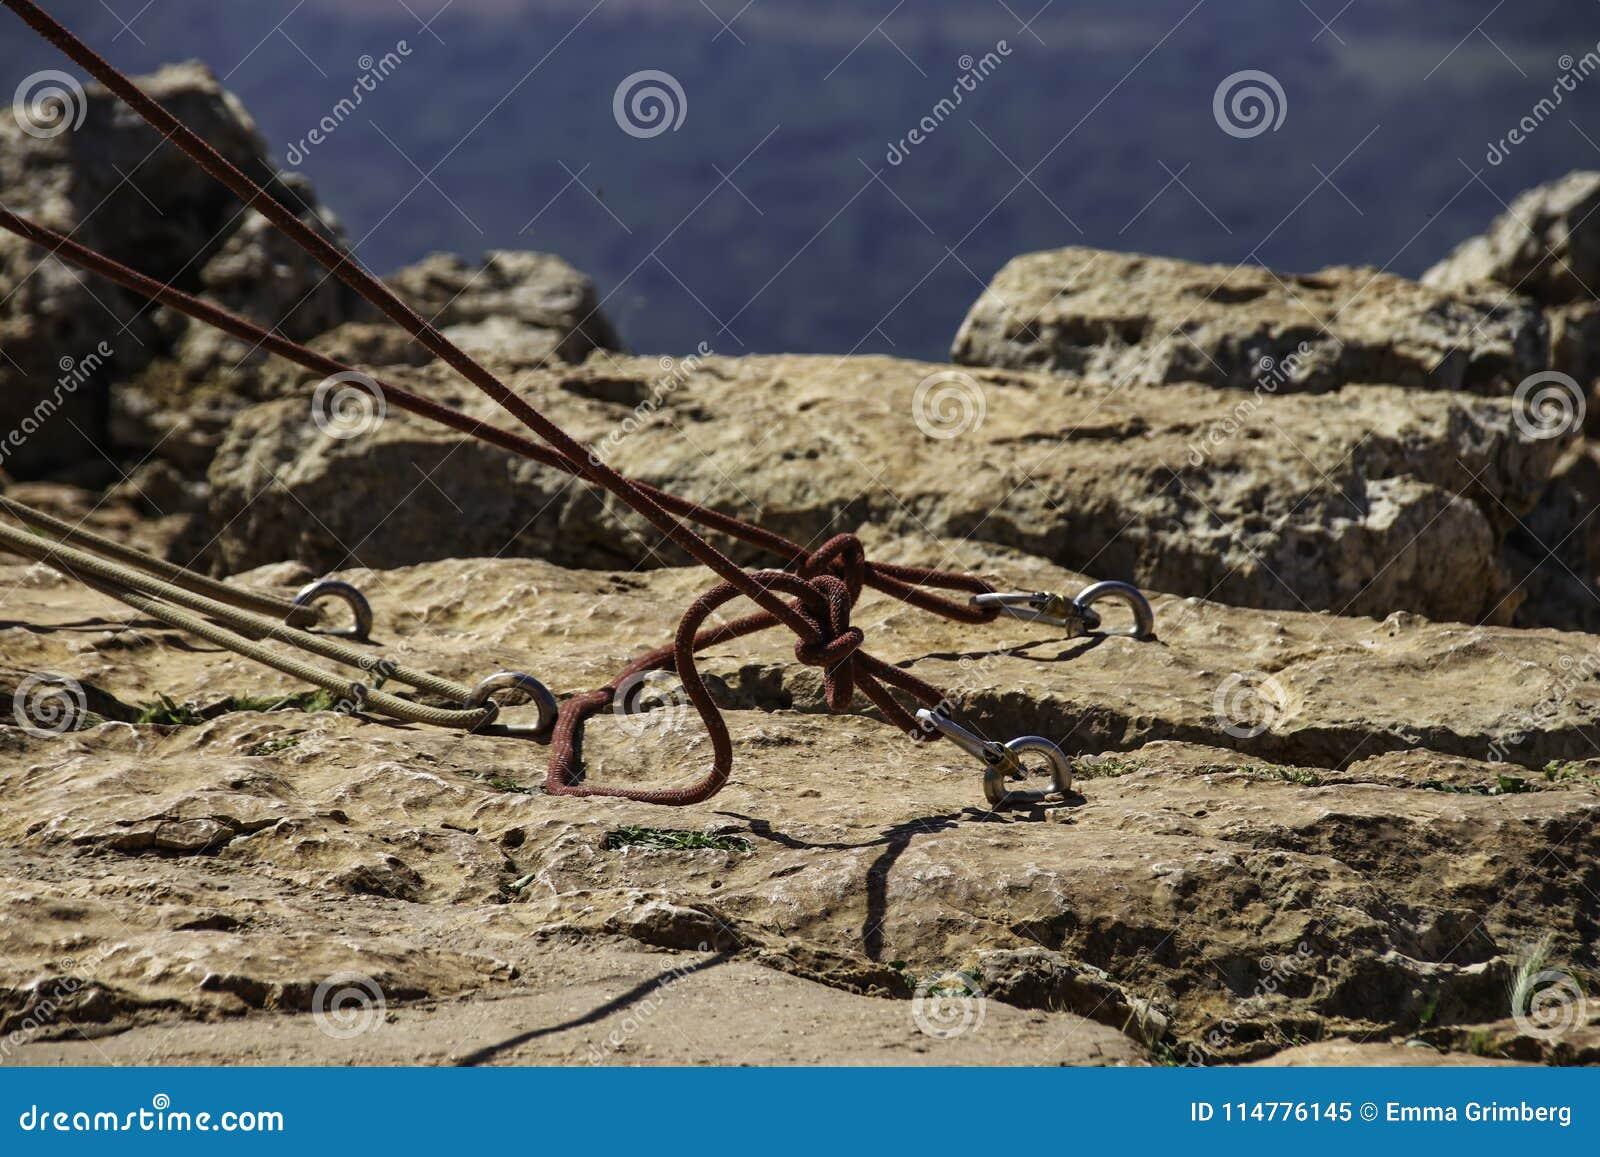 Шлямбуры с связанными веревочками зарезаны в камне